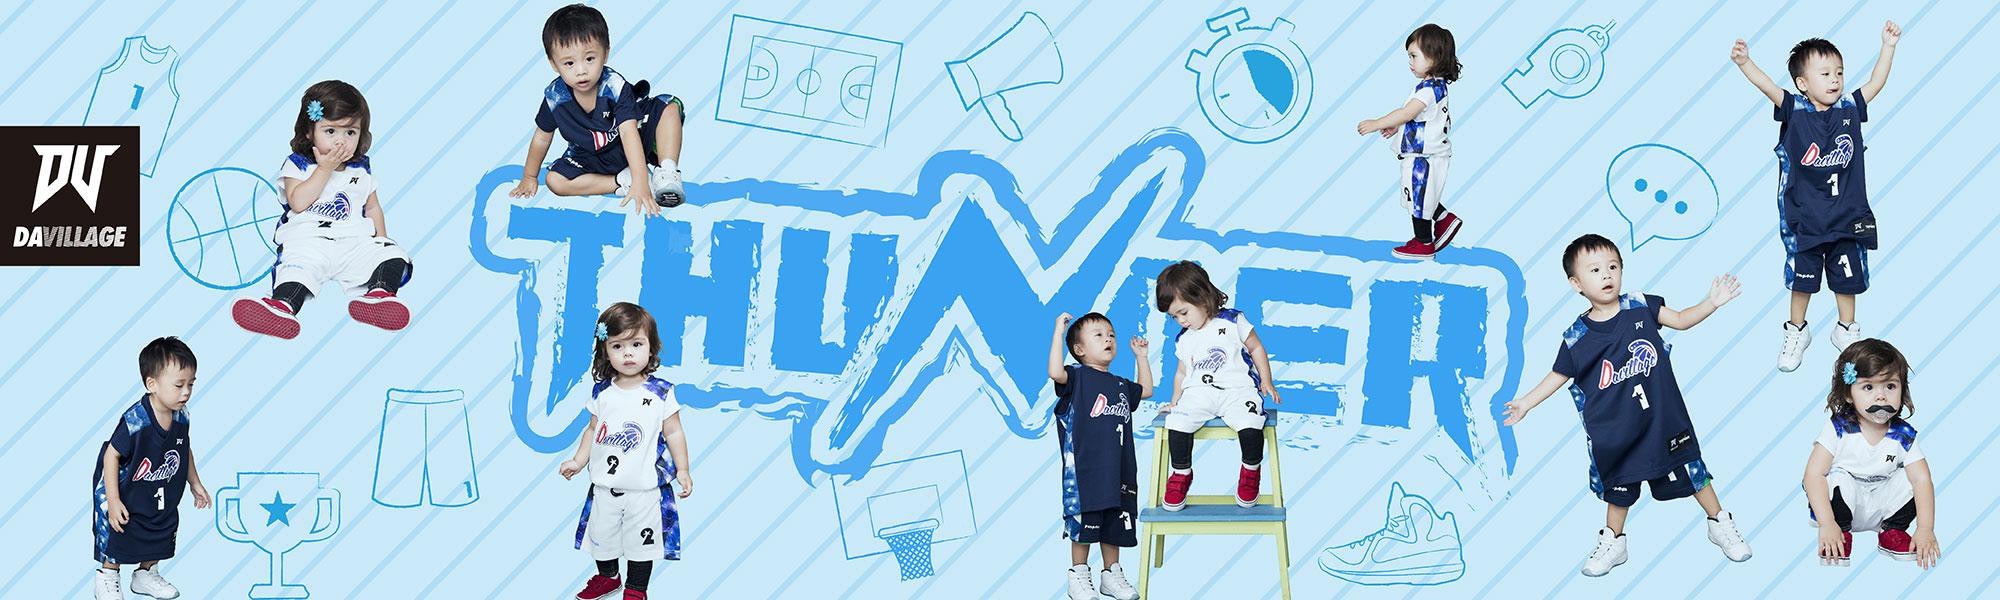 banner-jersey-basketball-dvkids-thunder4-01